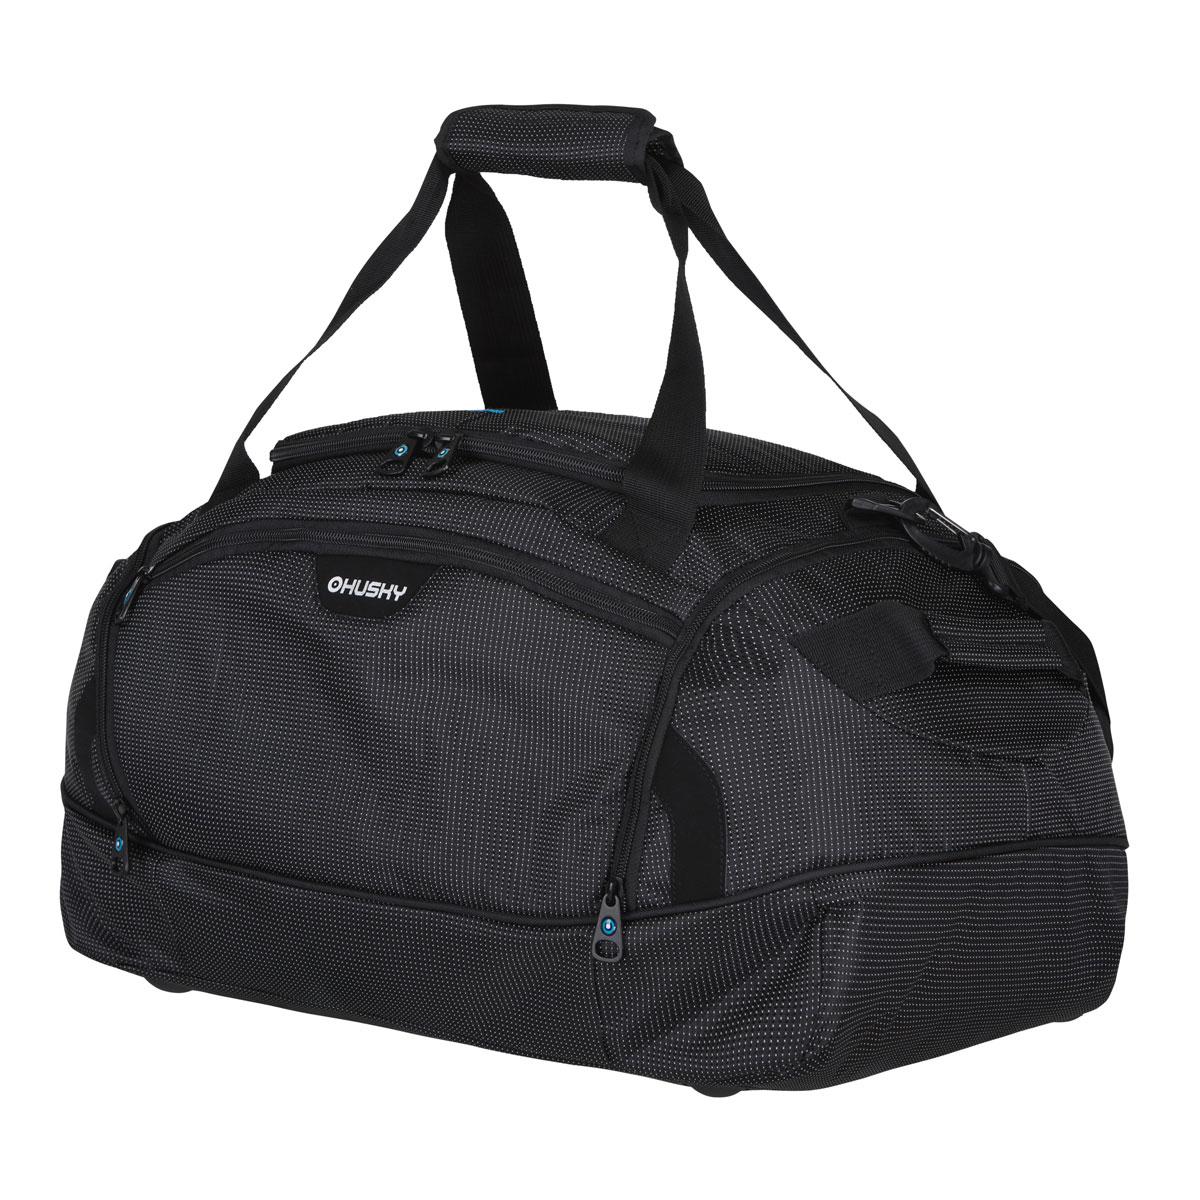 Сумка спортивная Husky Grape 40 L, цвет: черныйУТ-000048763Комфортная и практичная спортивная сумка Grape 40 L.Особенности модели: Водонепроницаемая ткань, Два боковых кармана, Внутренний органайзер, Съемный наплечный ремень.